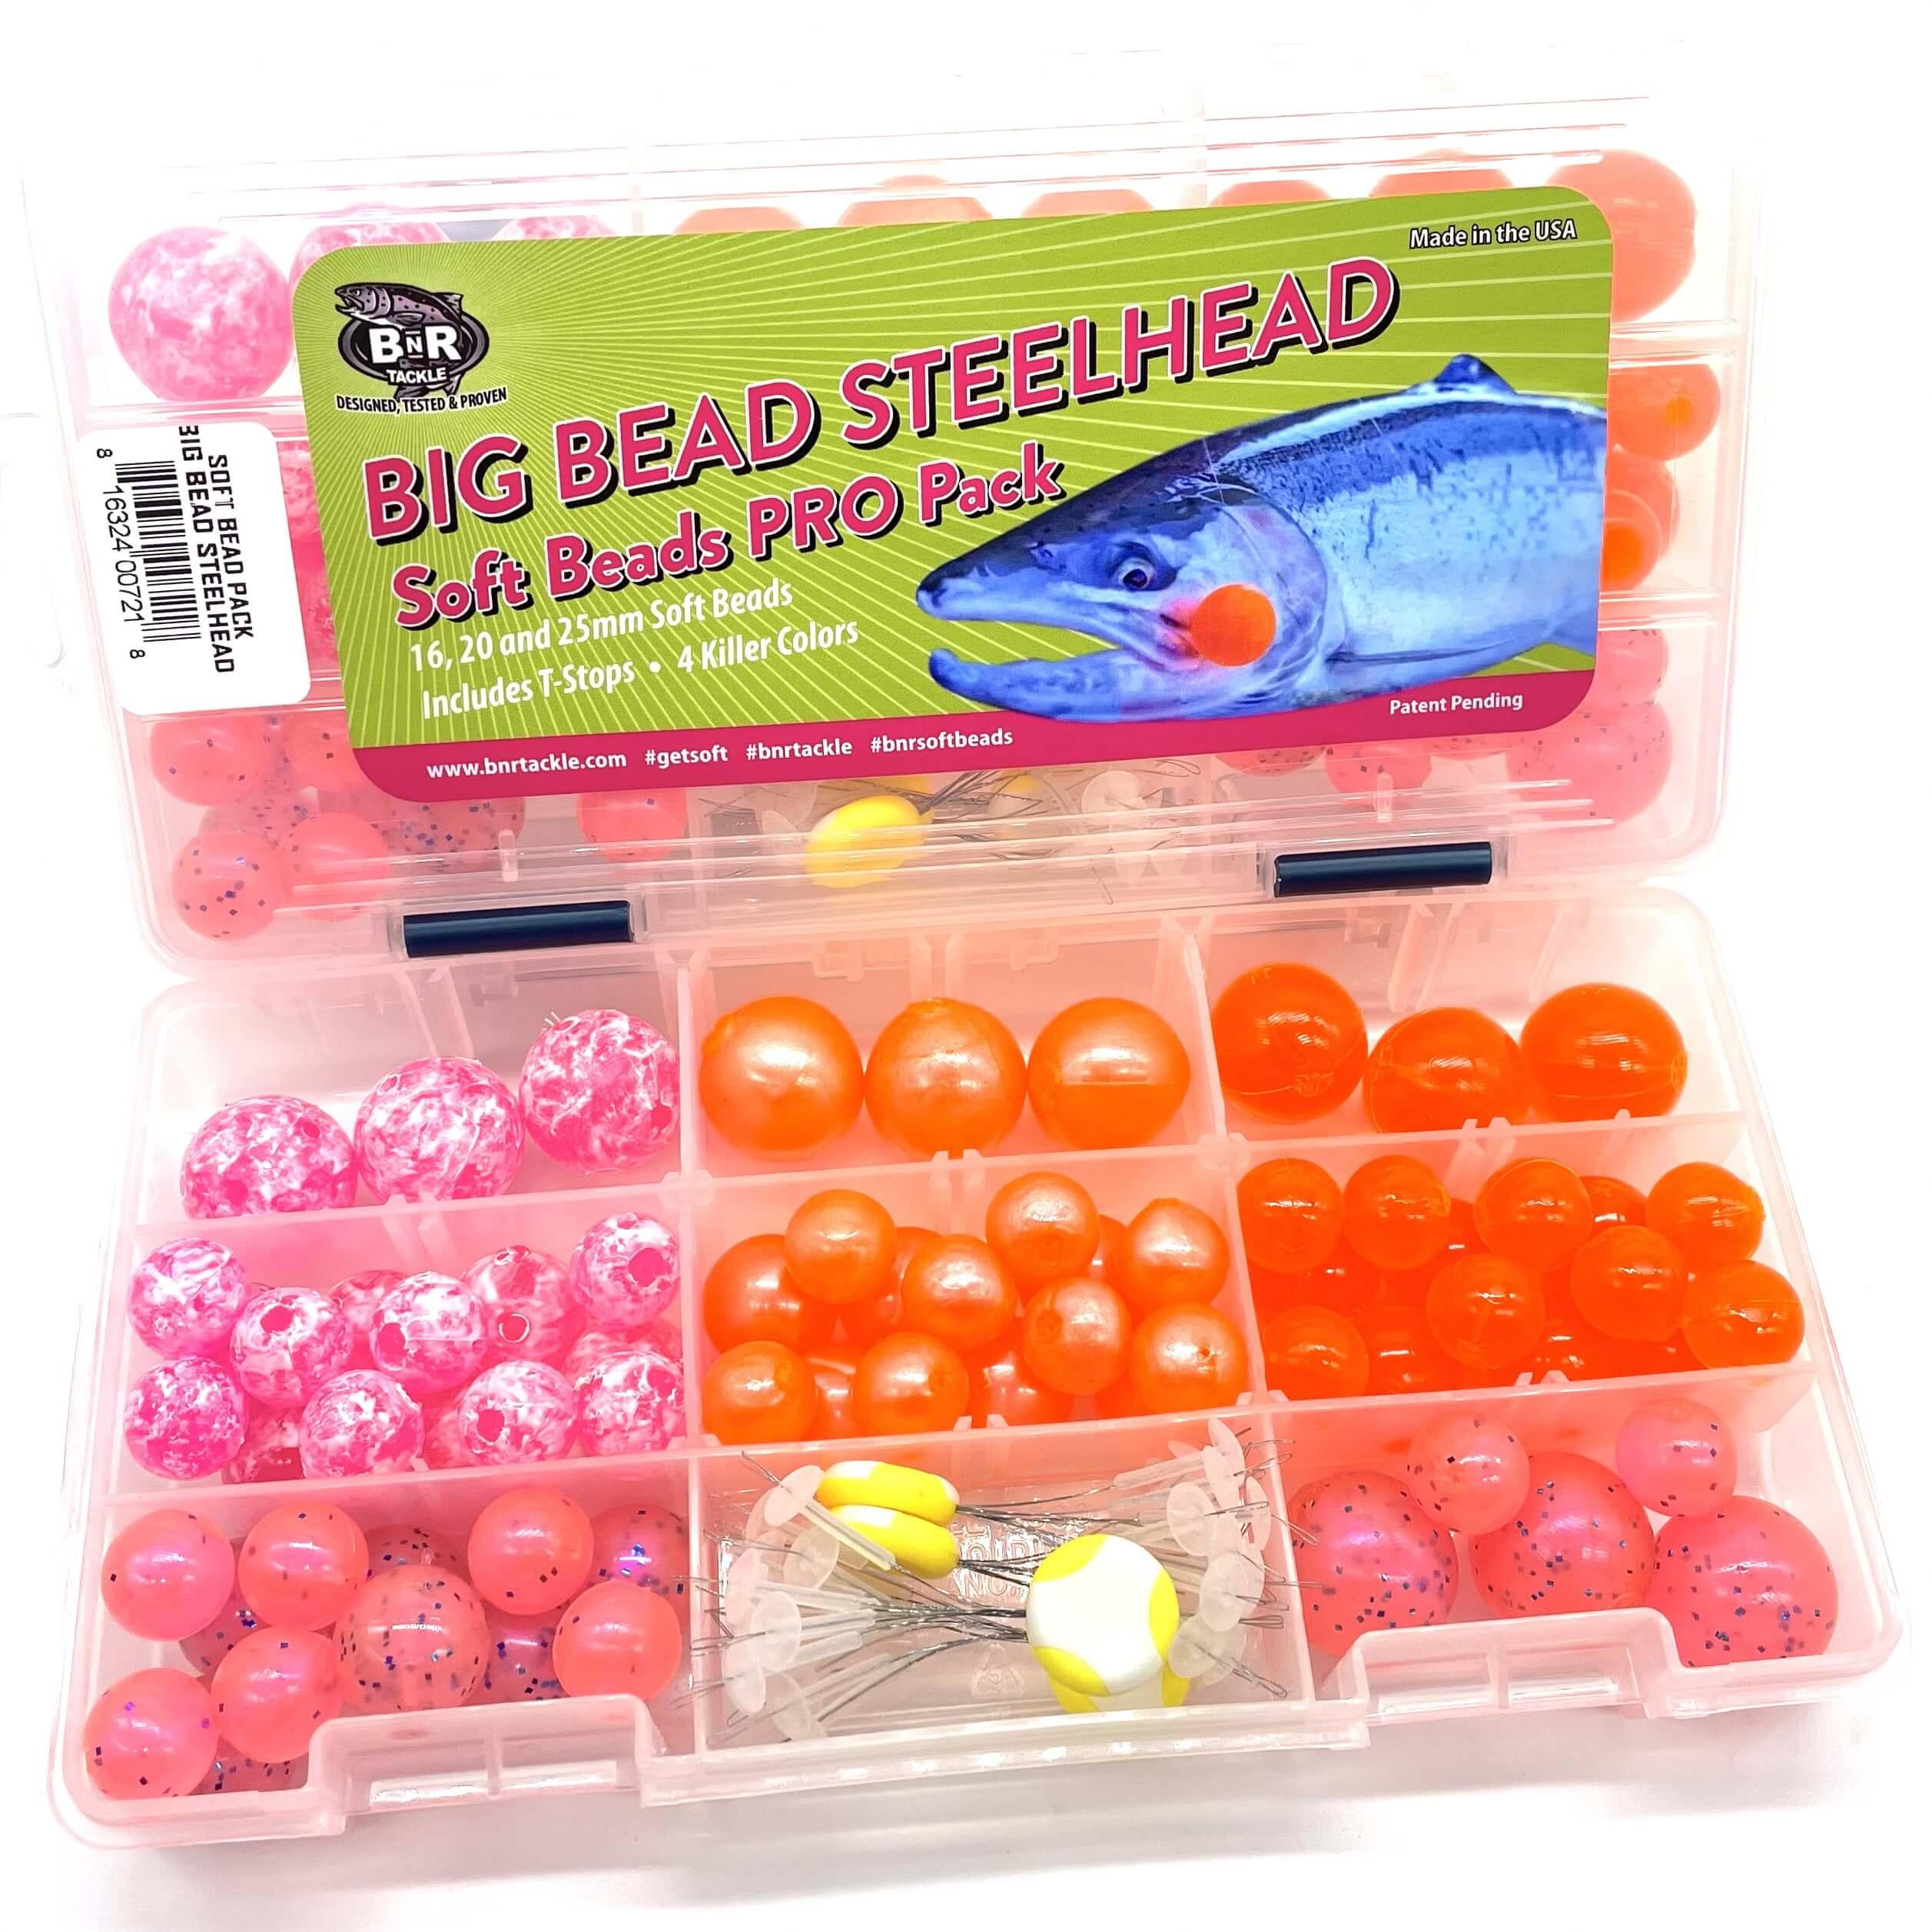 Big Bead Steelhead Pro Pack